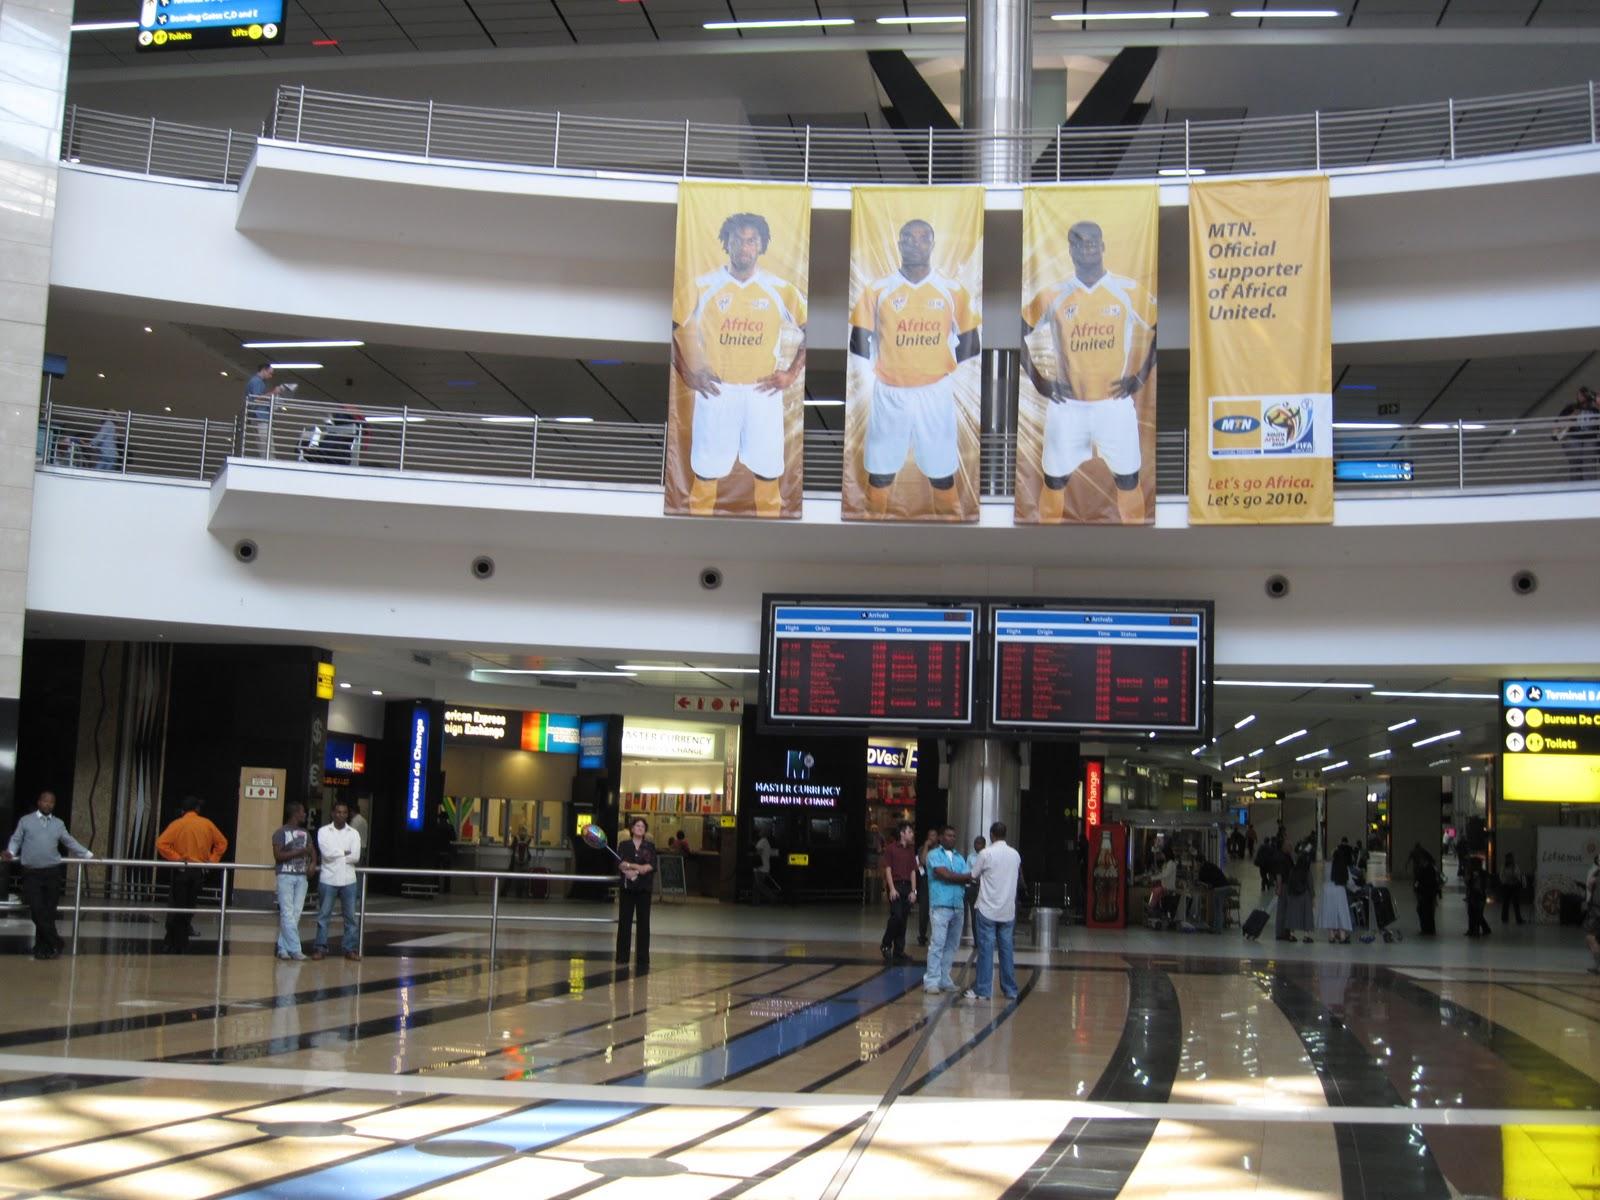 Aeroporto Johannesburg : Ensinando ensinar fotos johannesburg